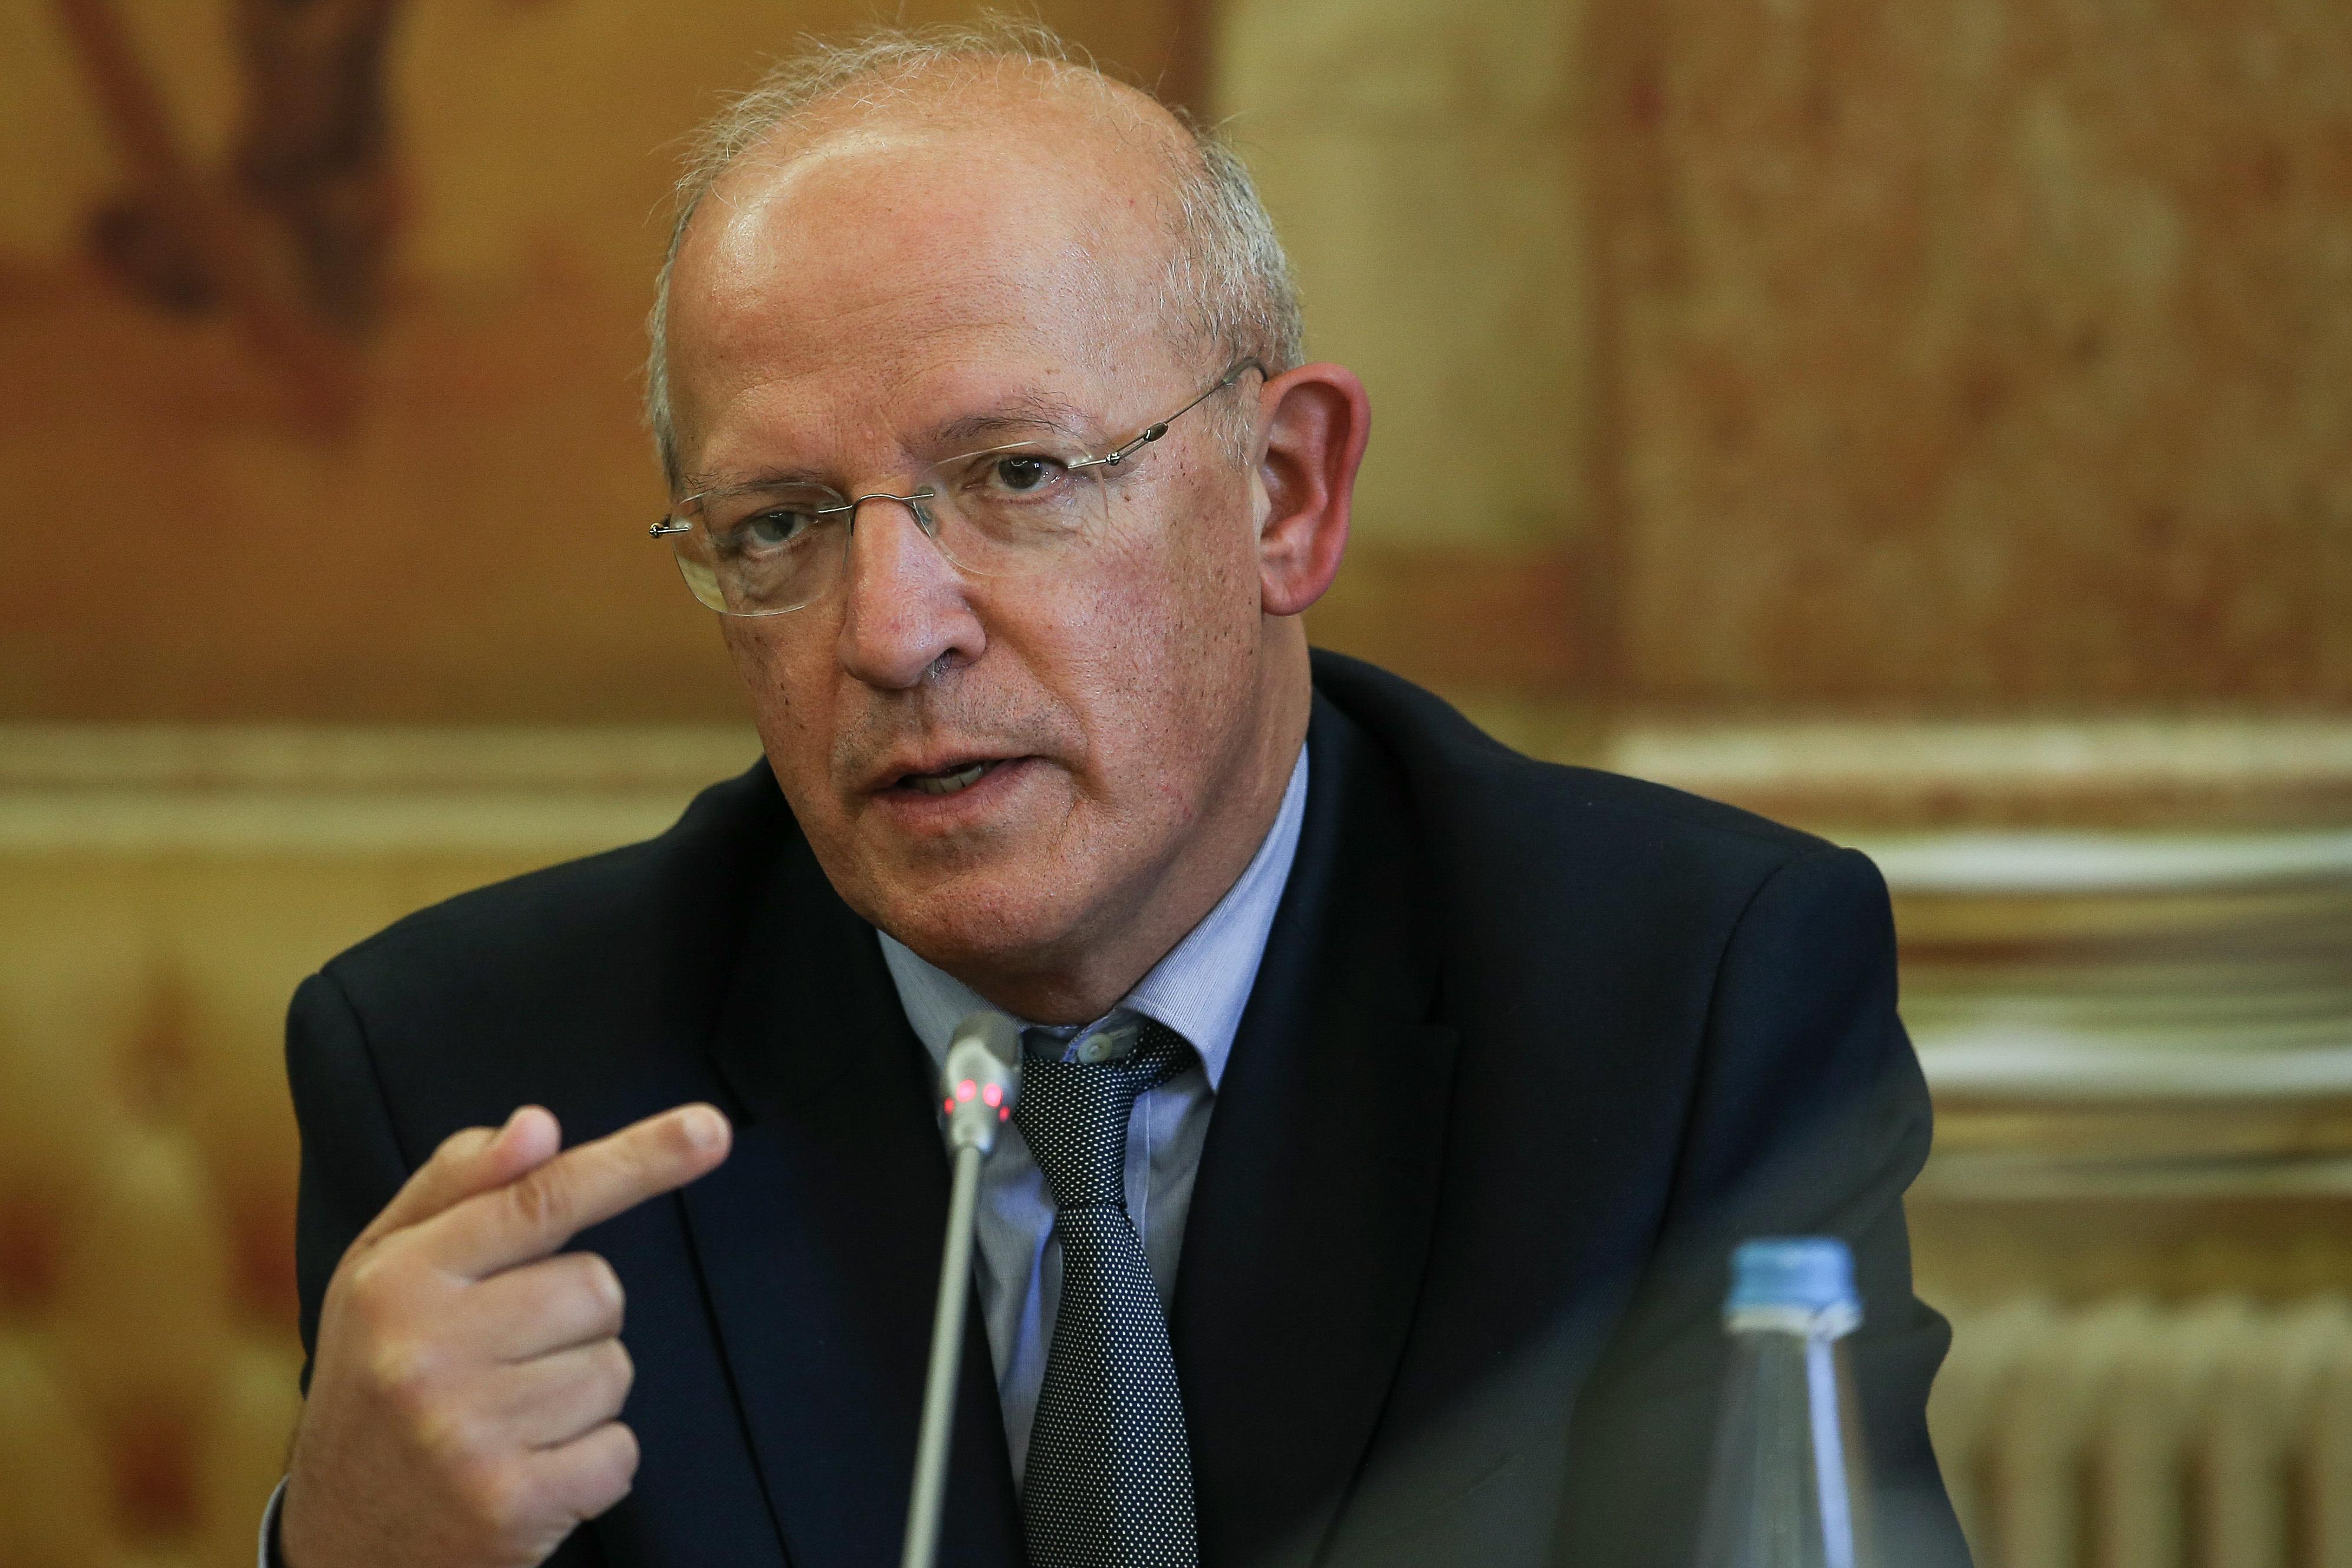 Ministro dos Negócios Estrangeiros diz que nada pode prejudicar relações com Timor-Leste